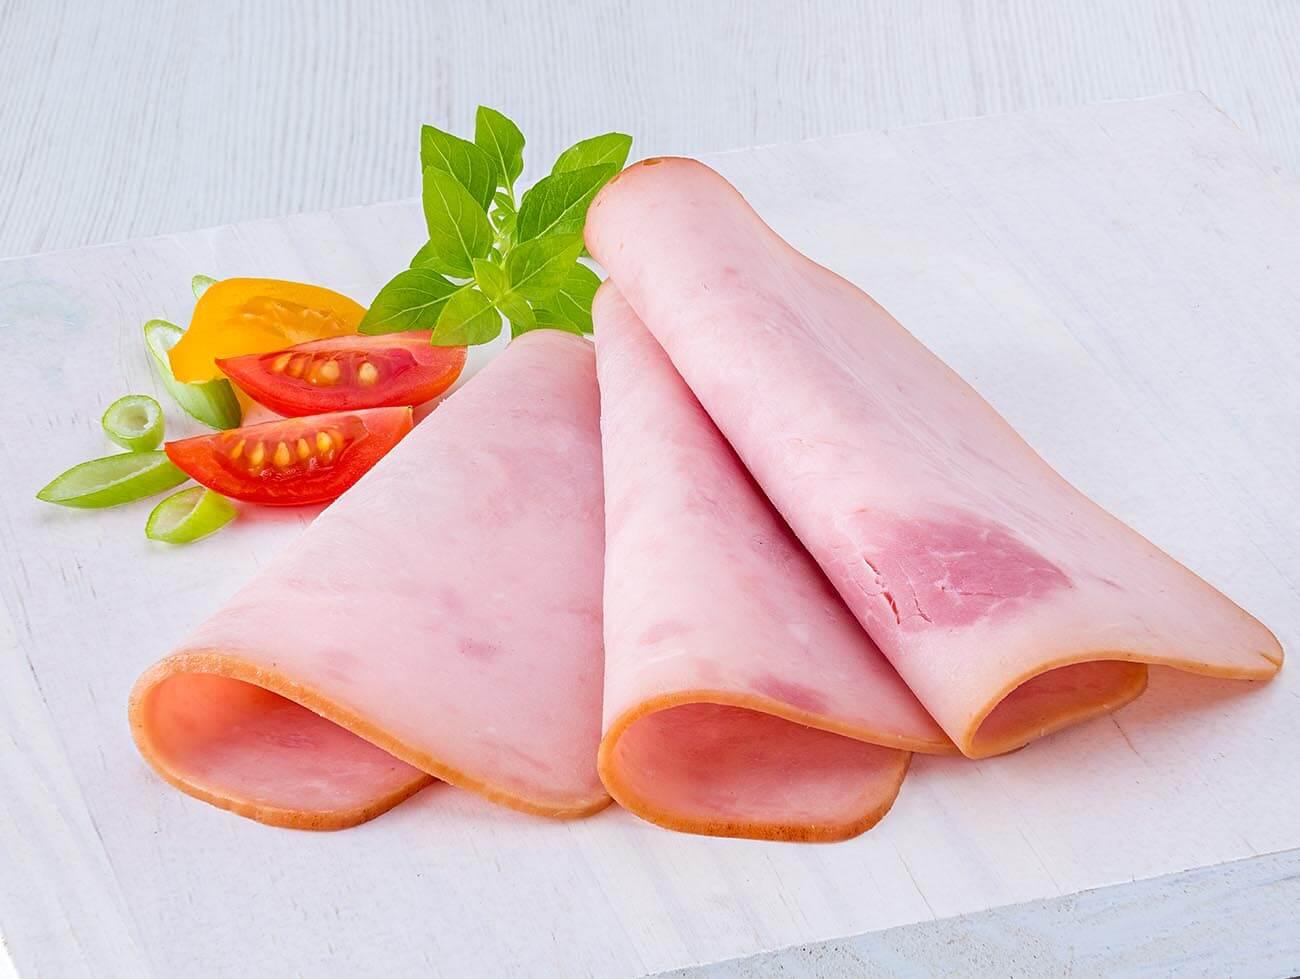 Jamon-de-cerdo